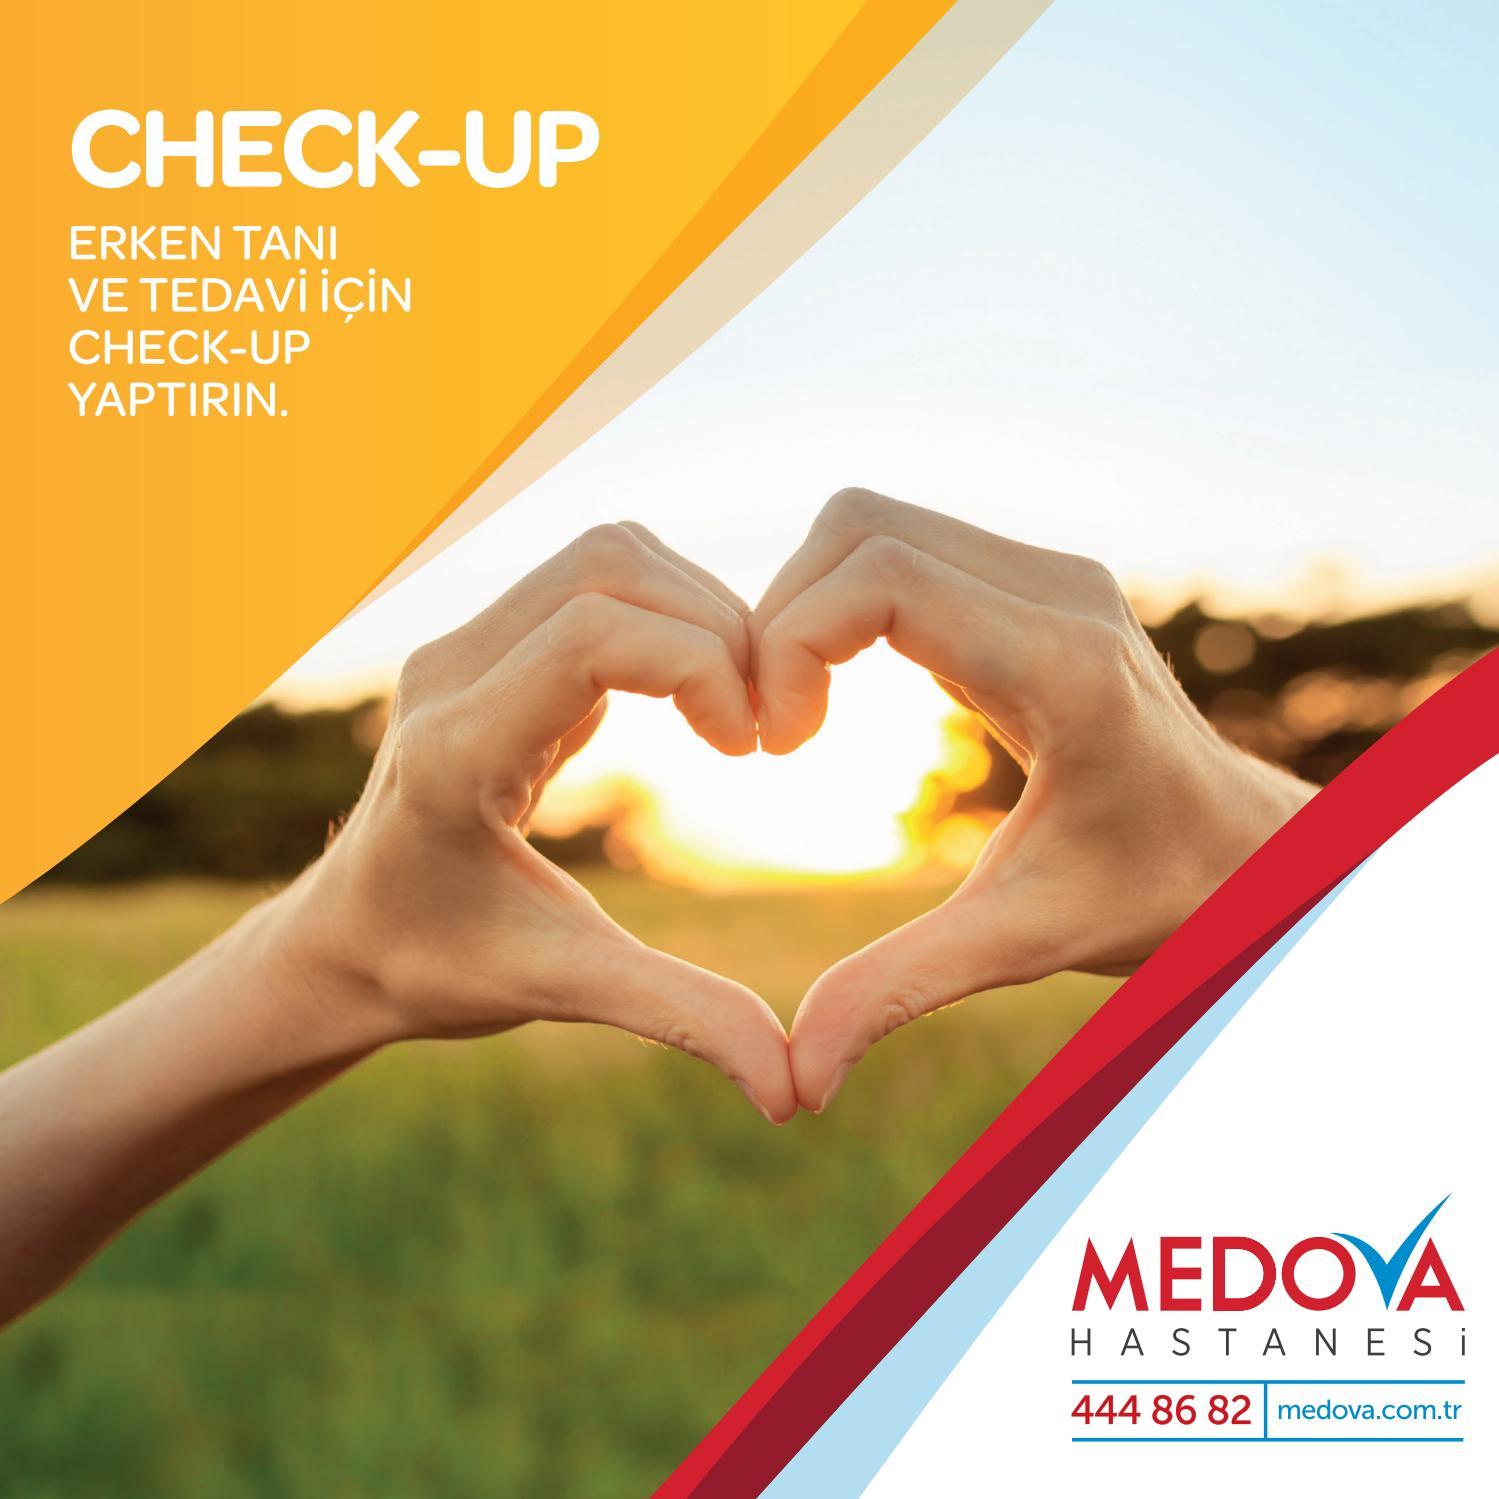 Yaşa göre check-up